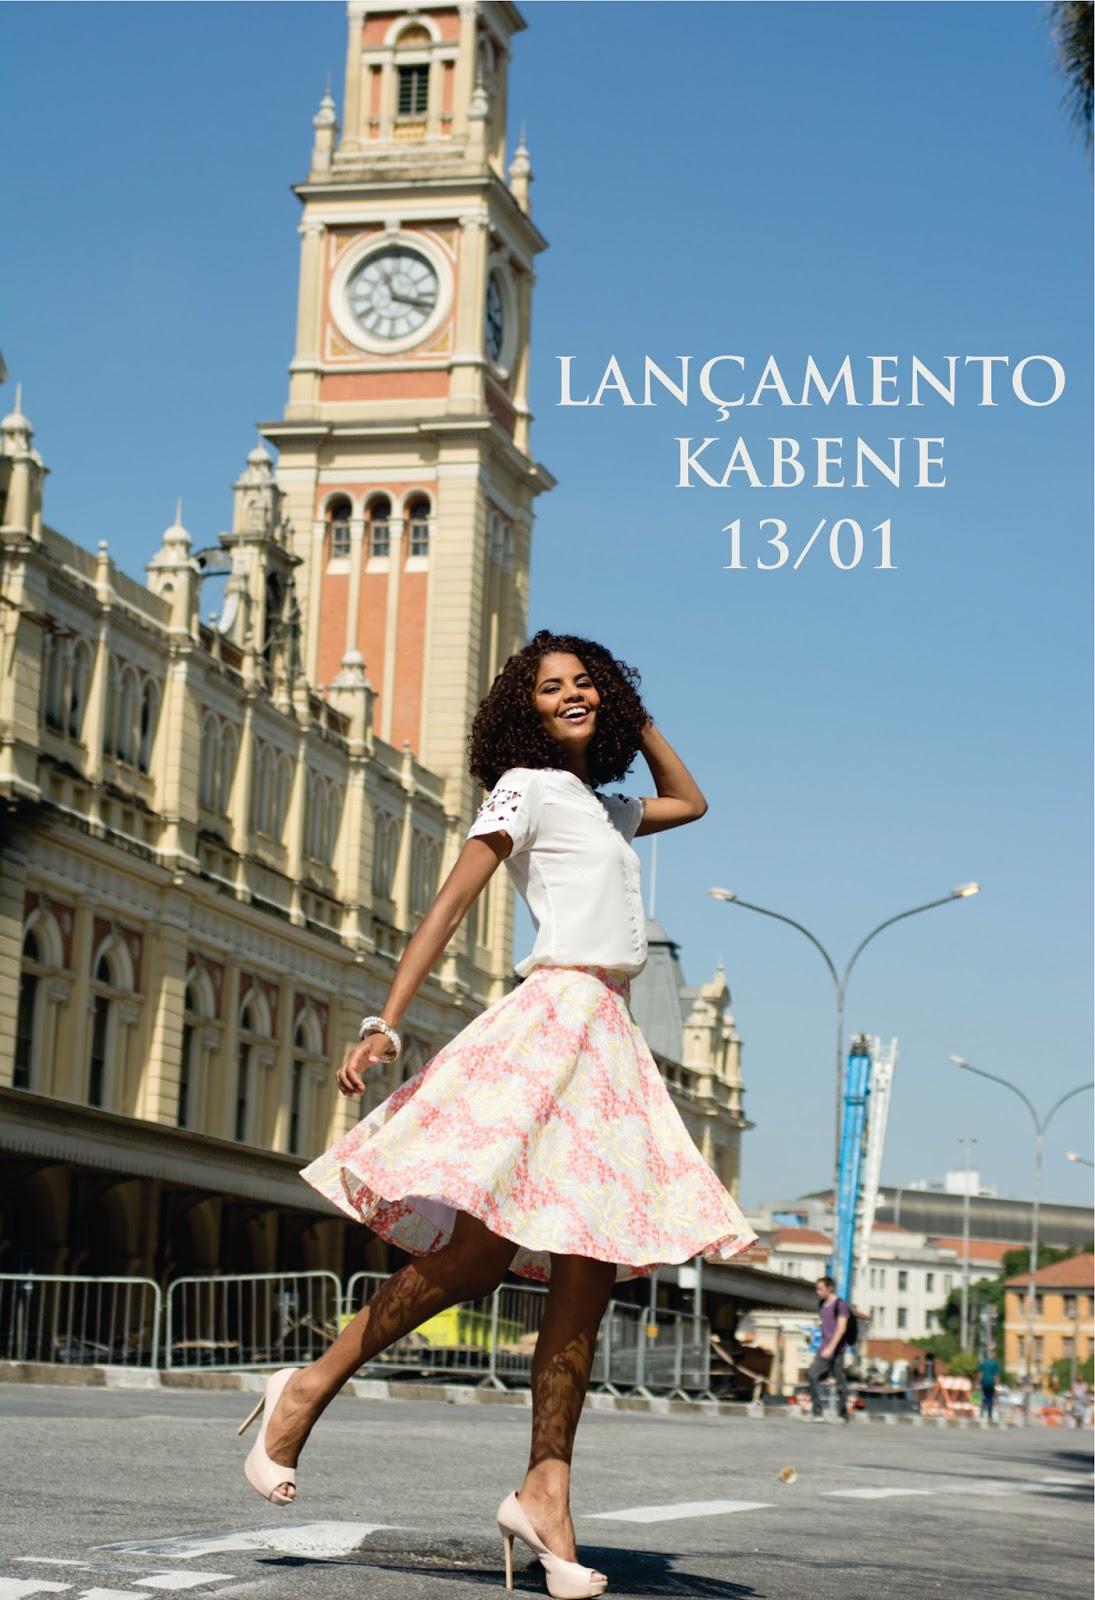 Kabene lançamento alto verão blog estilo modas e manias